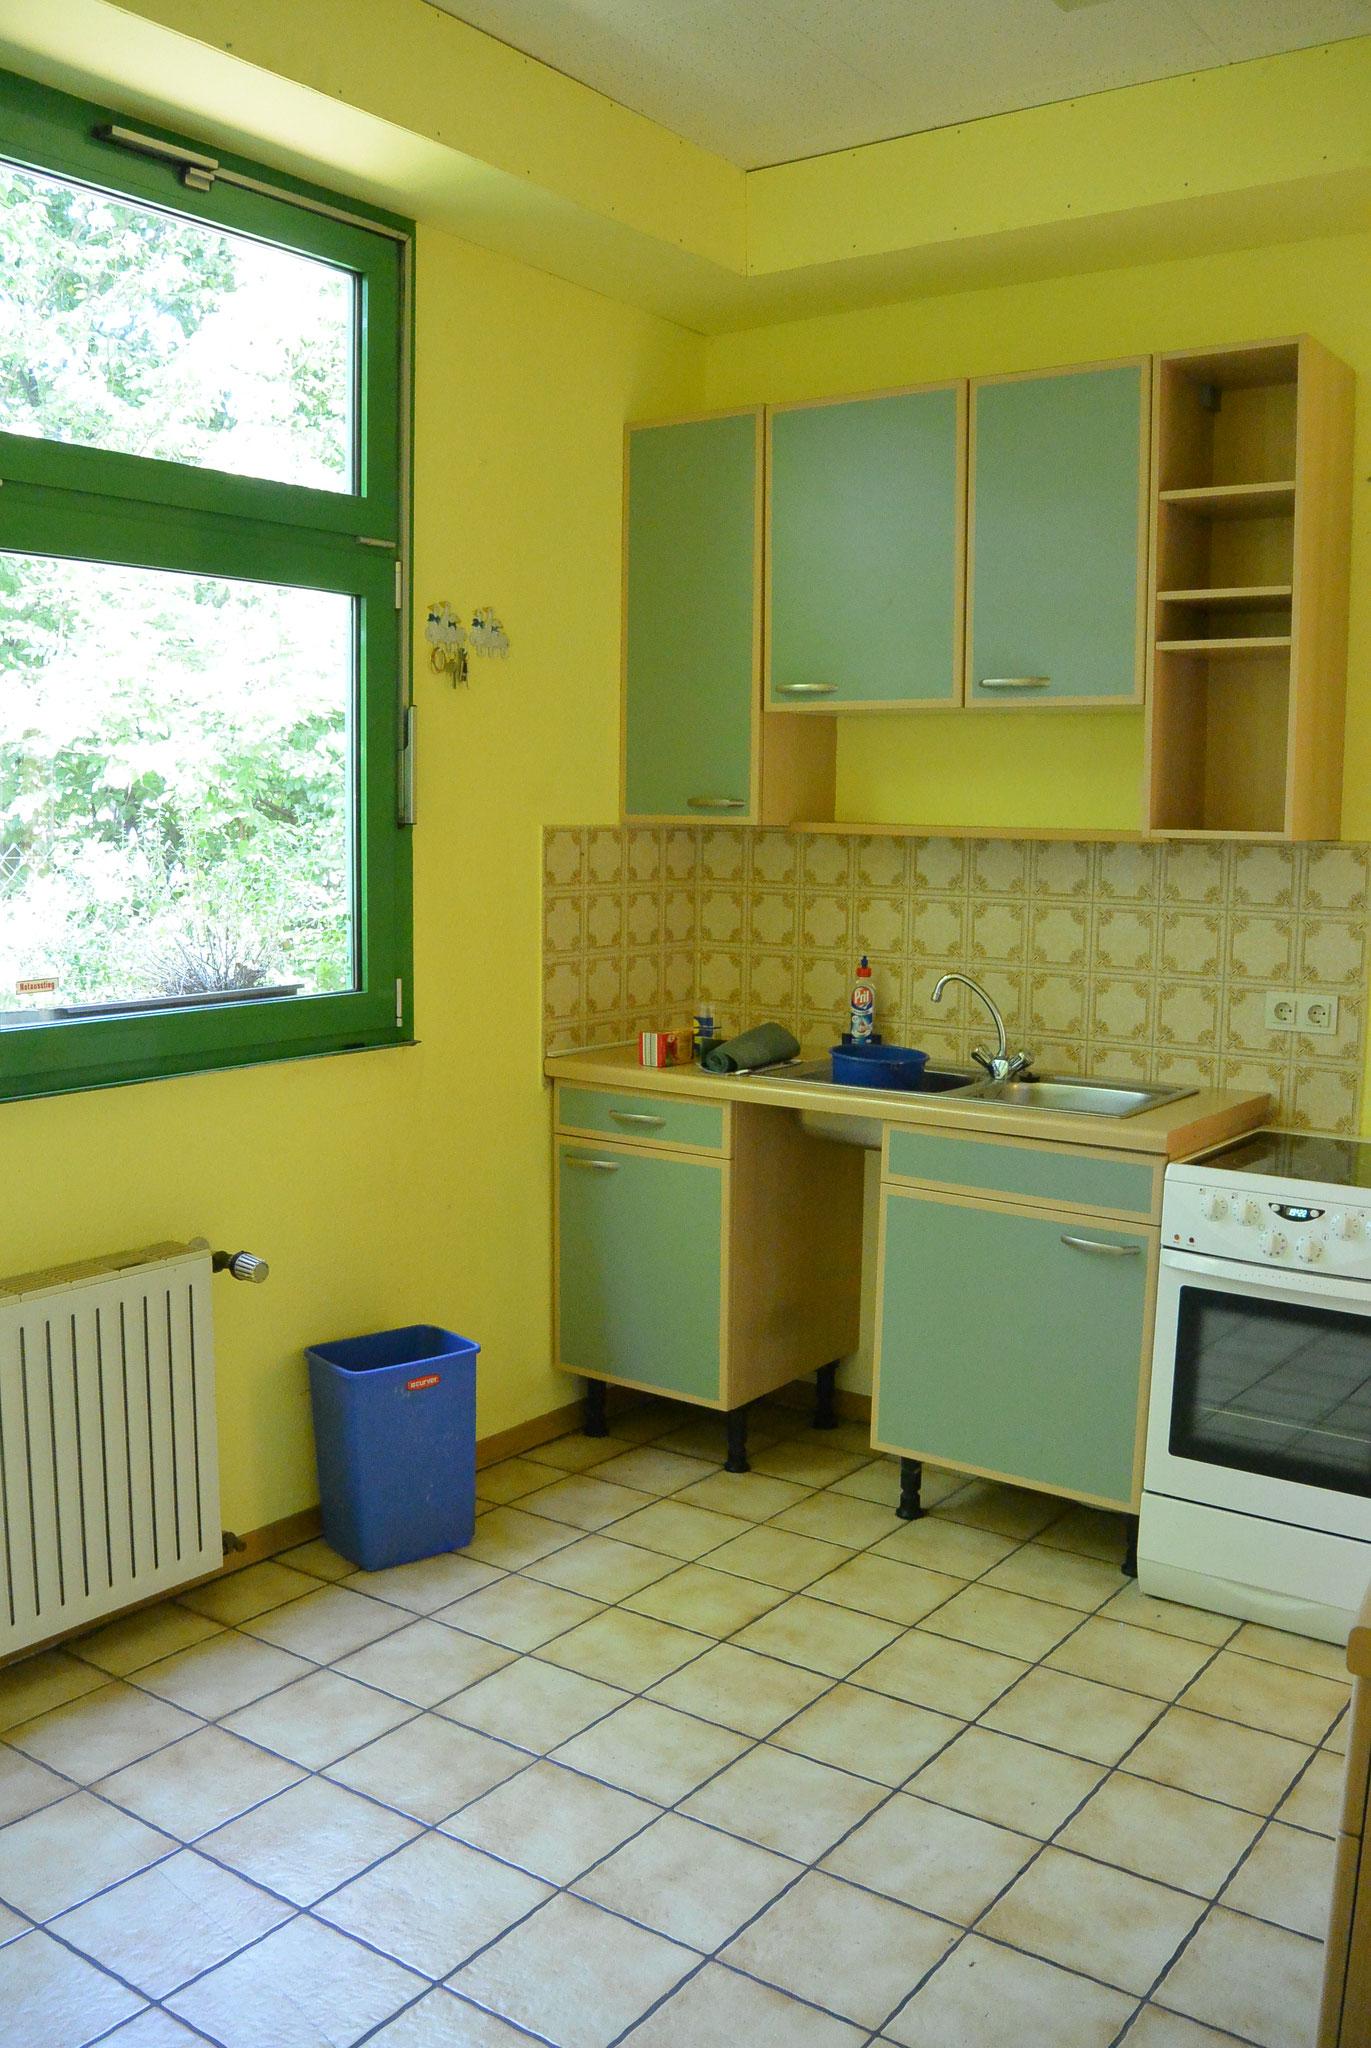 Auch der Sozialraum war gelb.